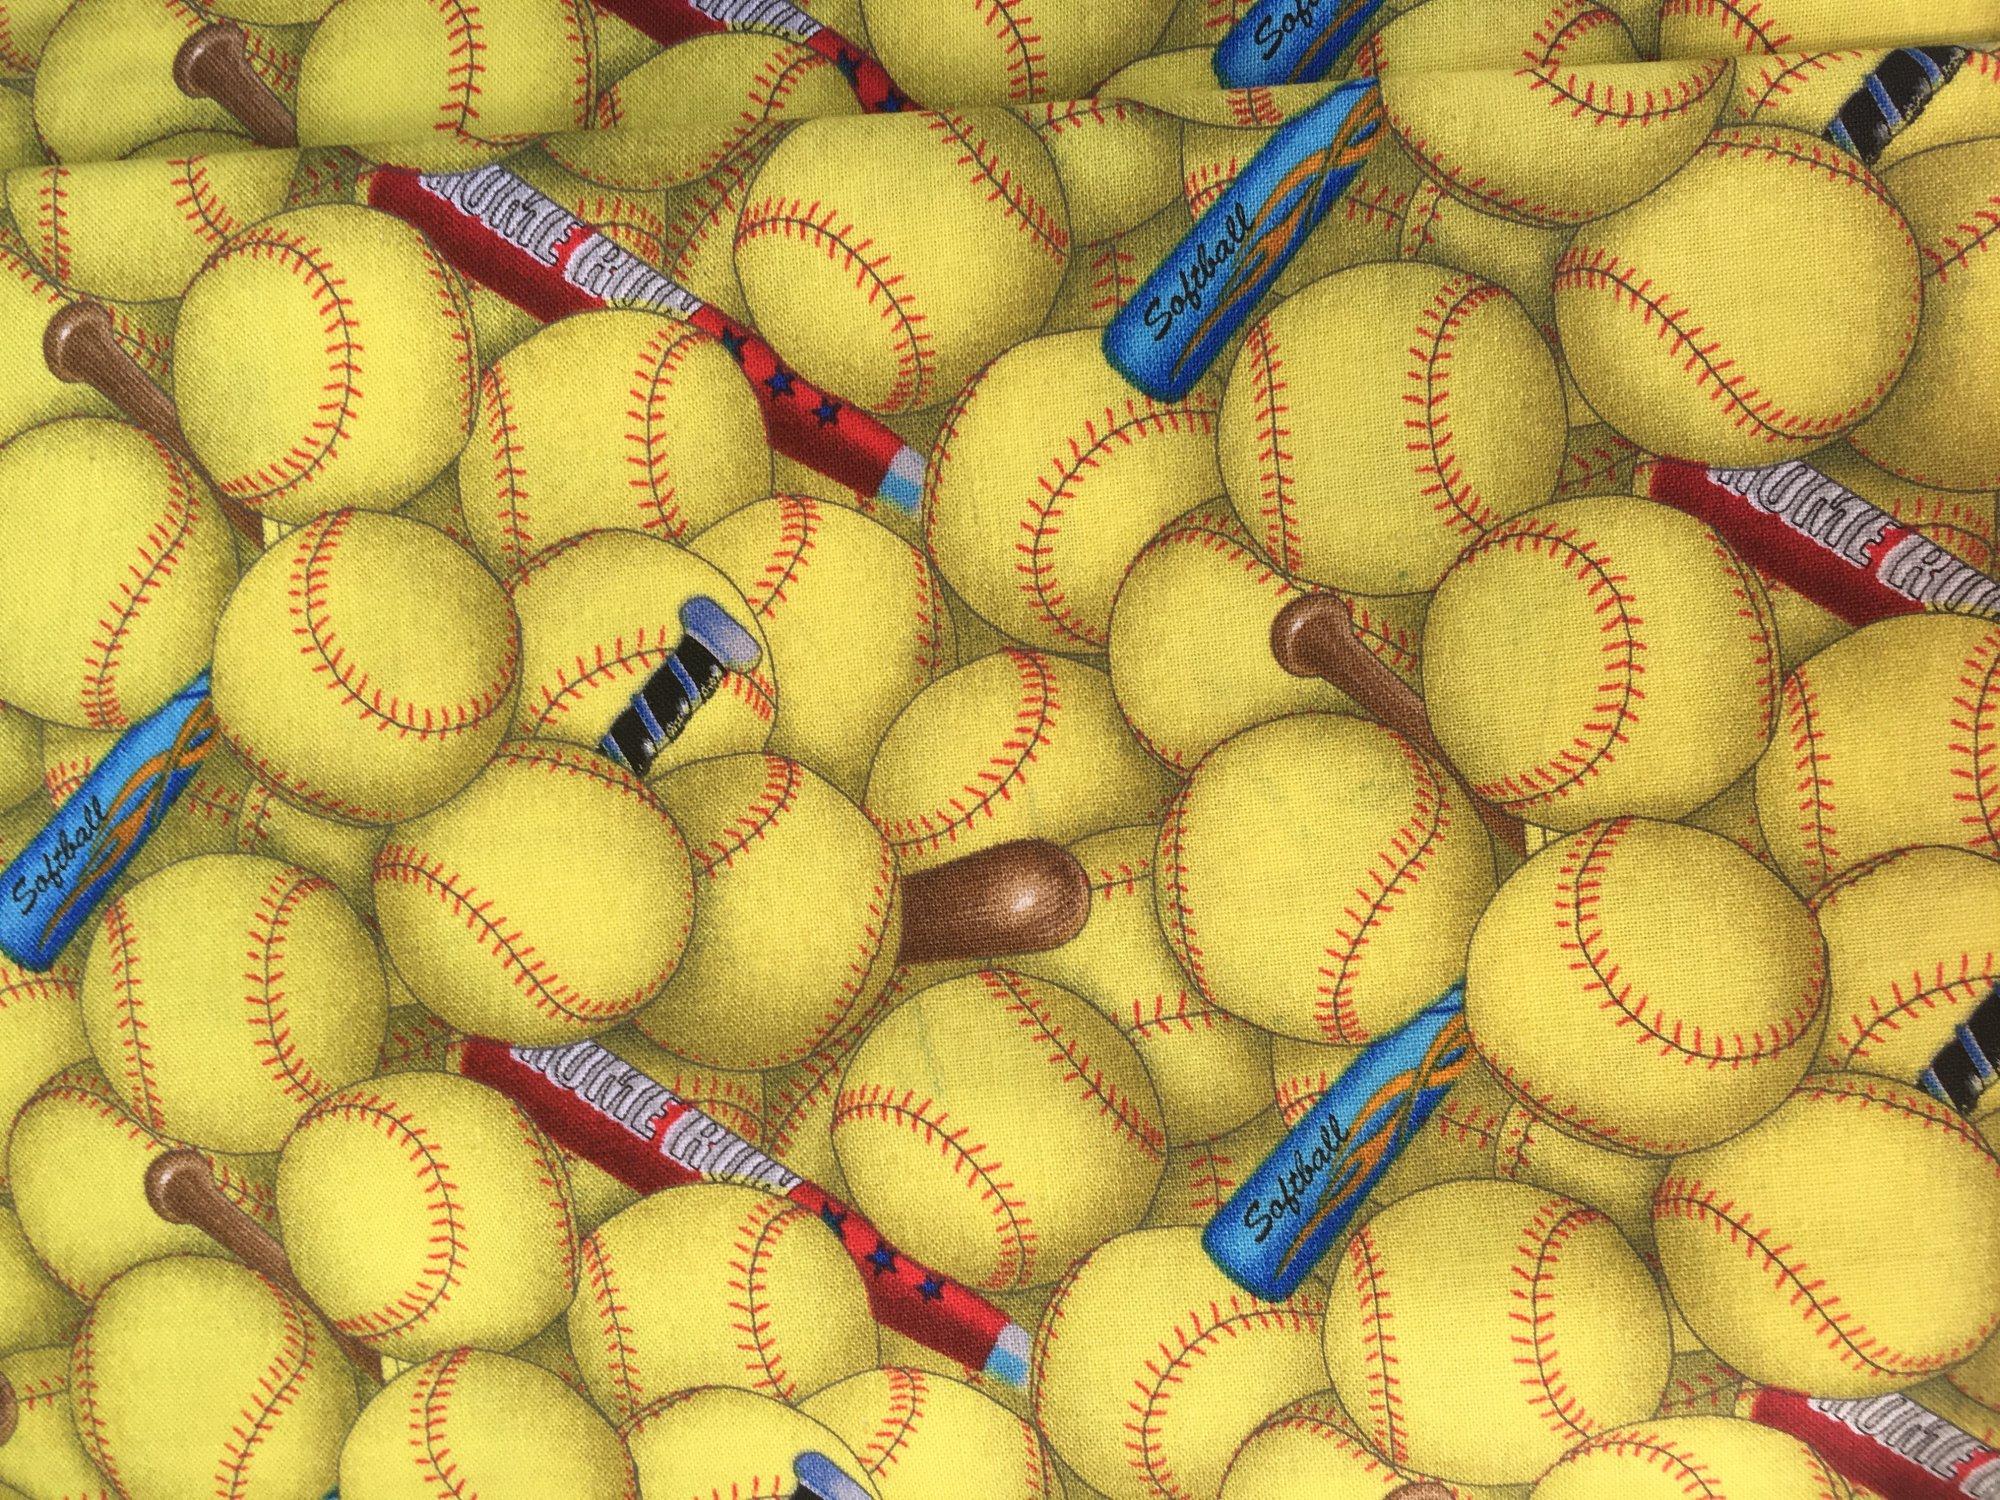 Yellow Softballs